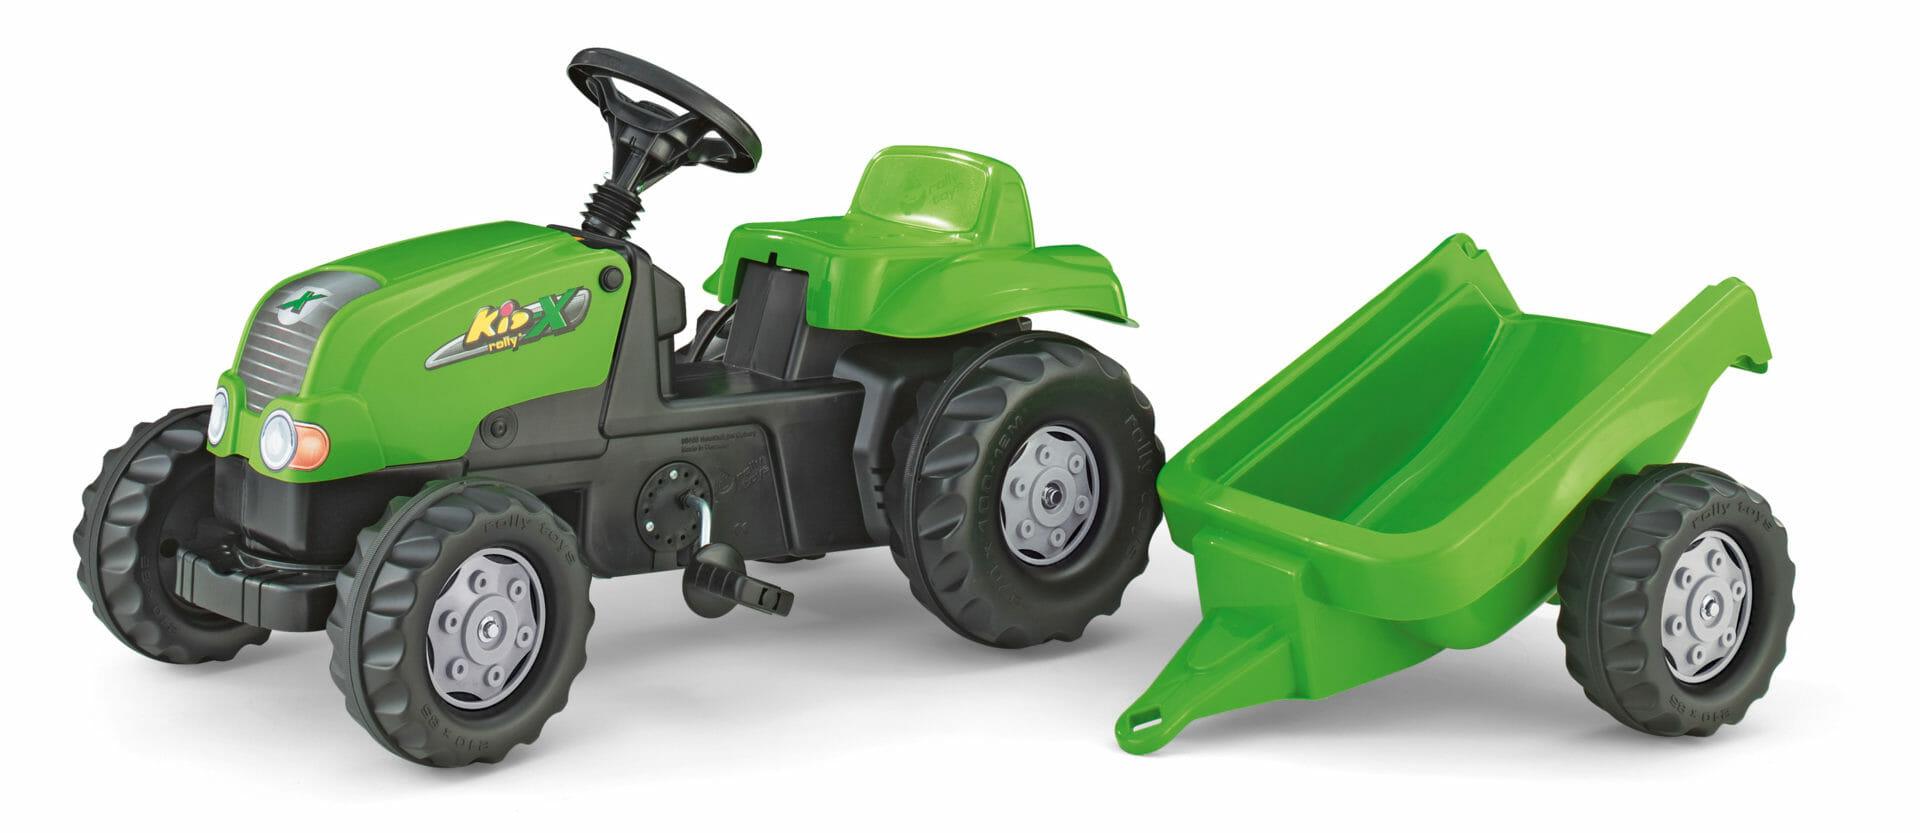 Tractor verde pequeño con remolque